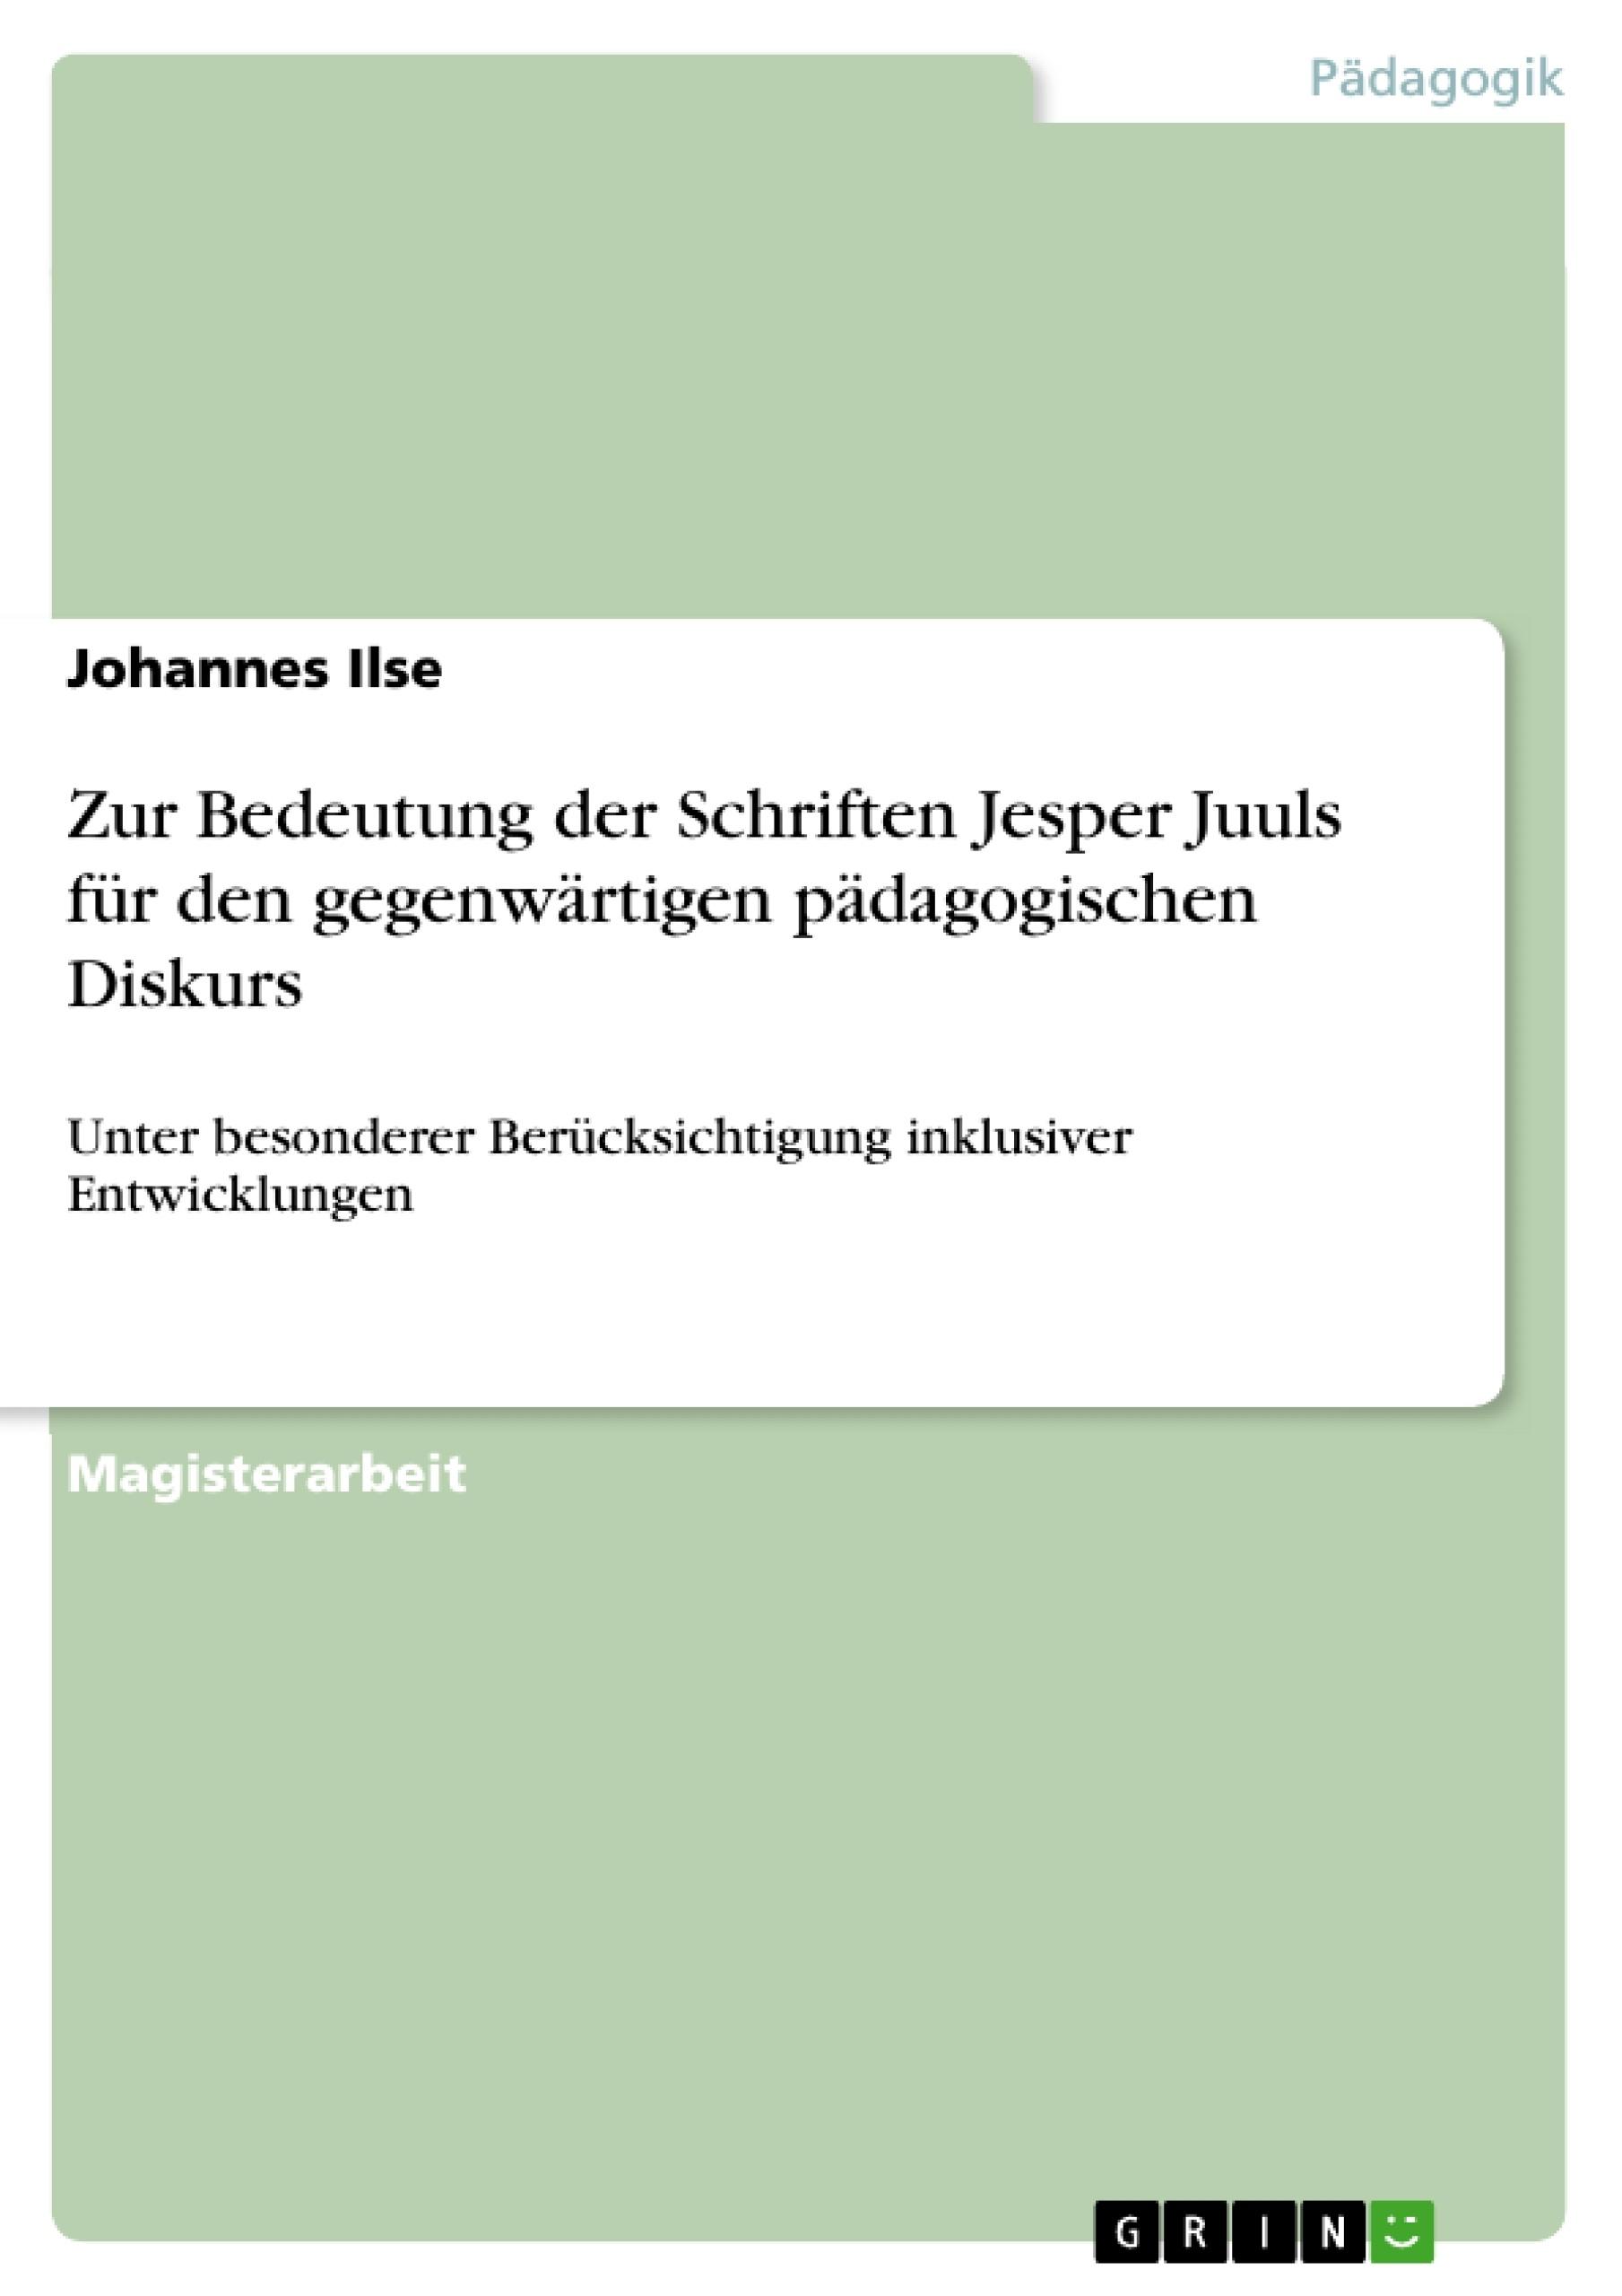 Titel: Zur Bedeutung der Schriften Jesper Juuls für den gegenwärtigen pädagogischen Diskurs